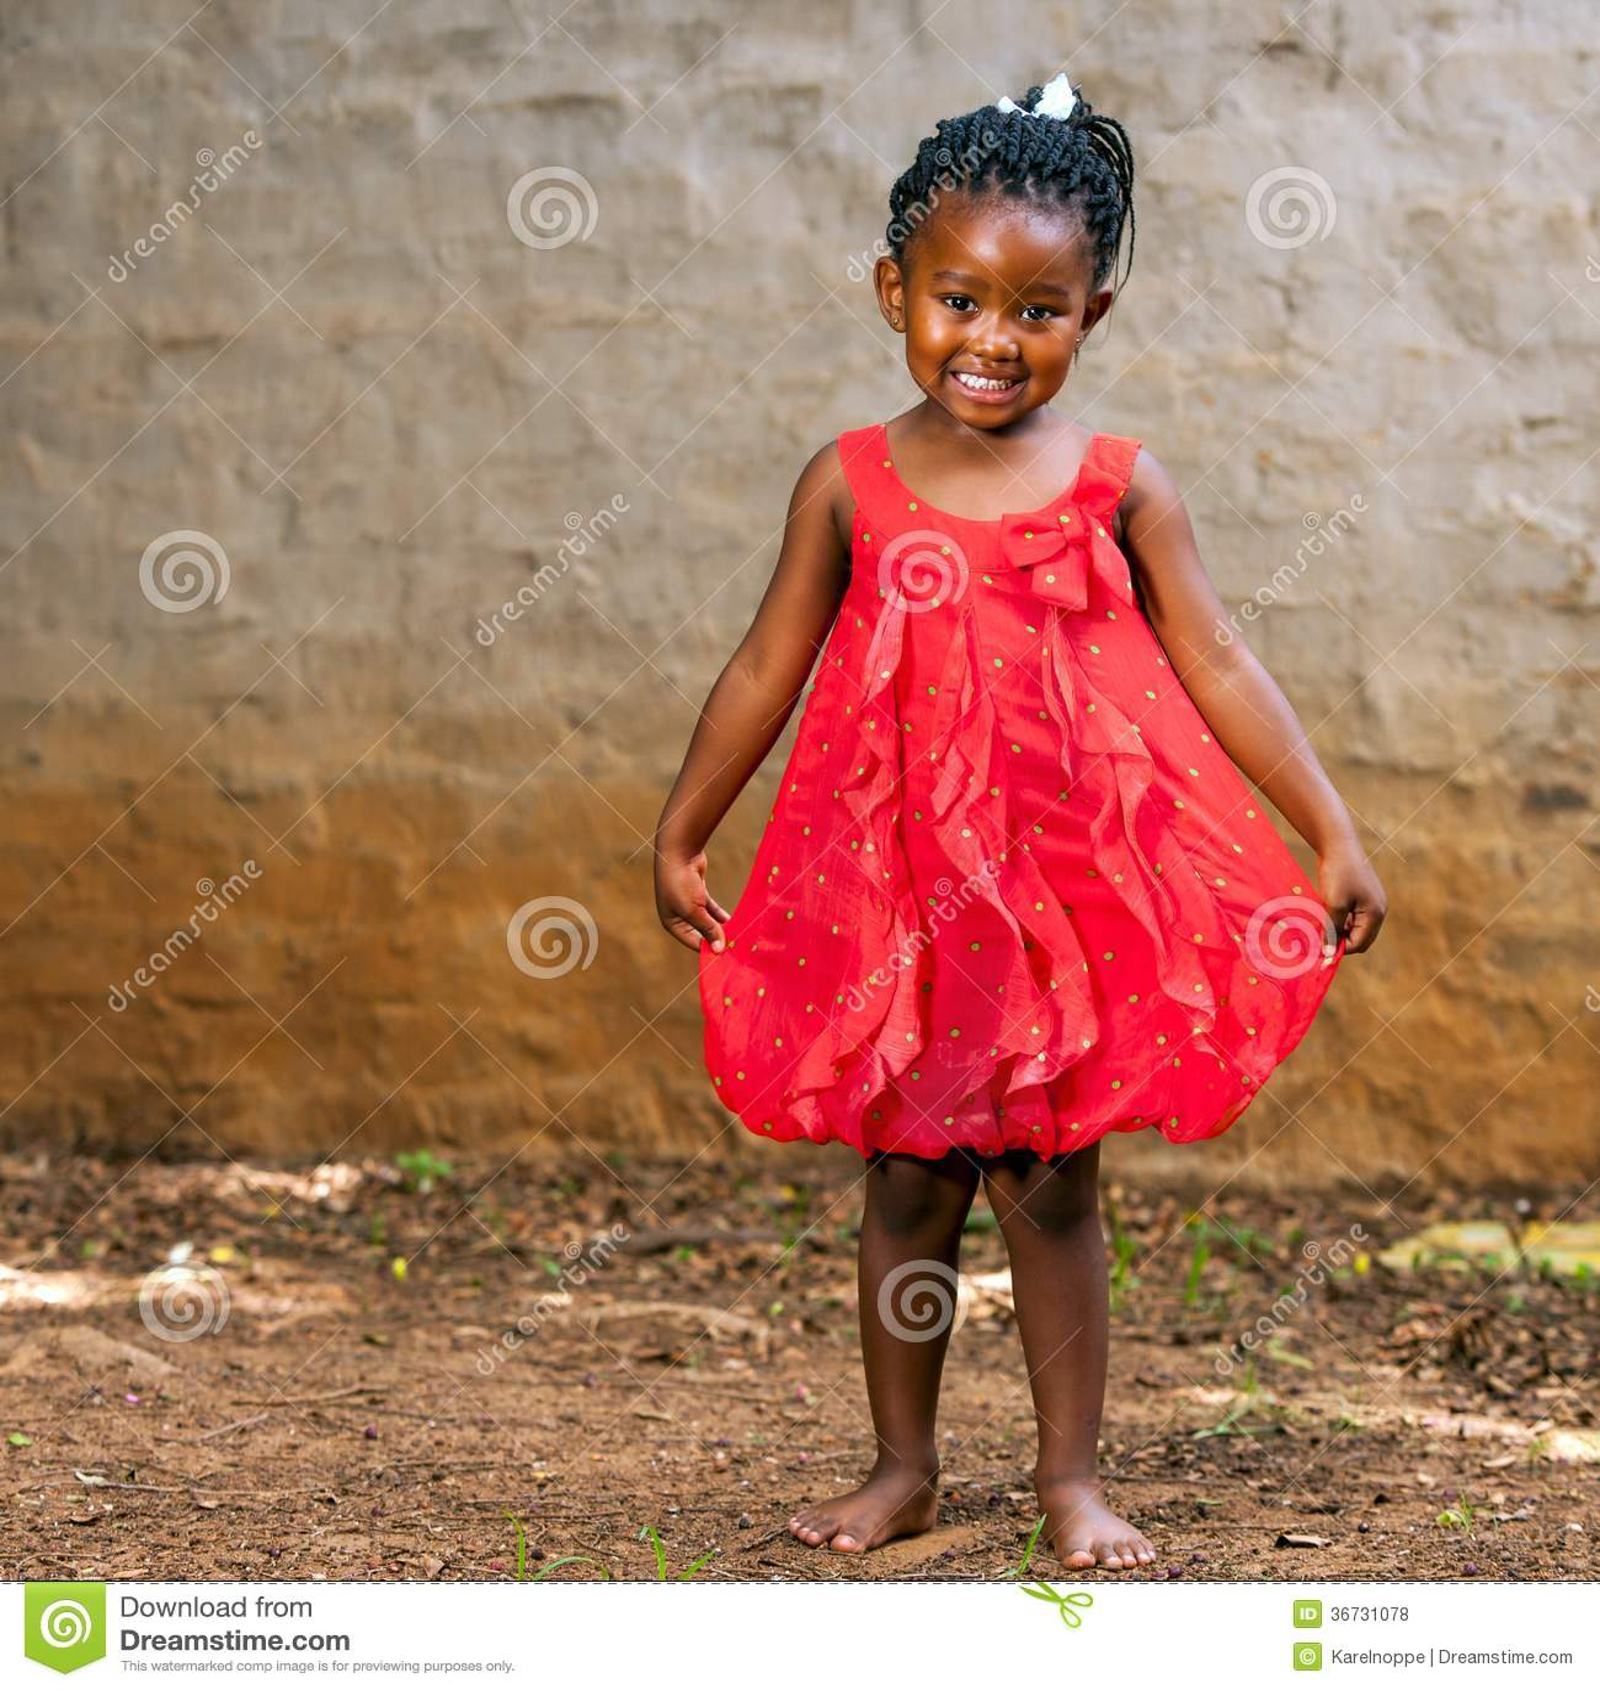 afrikanisches m dchen das rotes kleid zeigt lizenzfreie. Black Bedroom Furniture Sets. Home Design Ideas